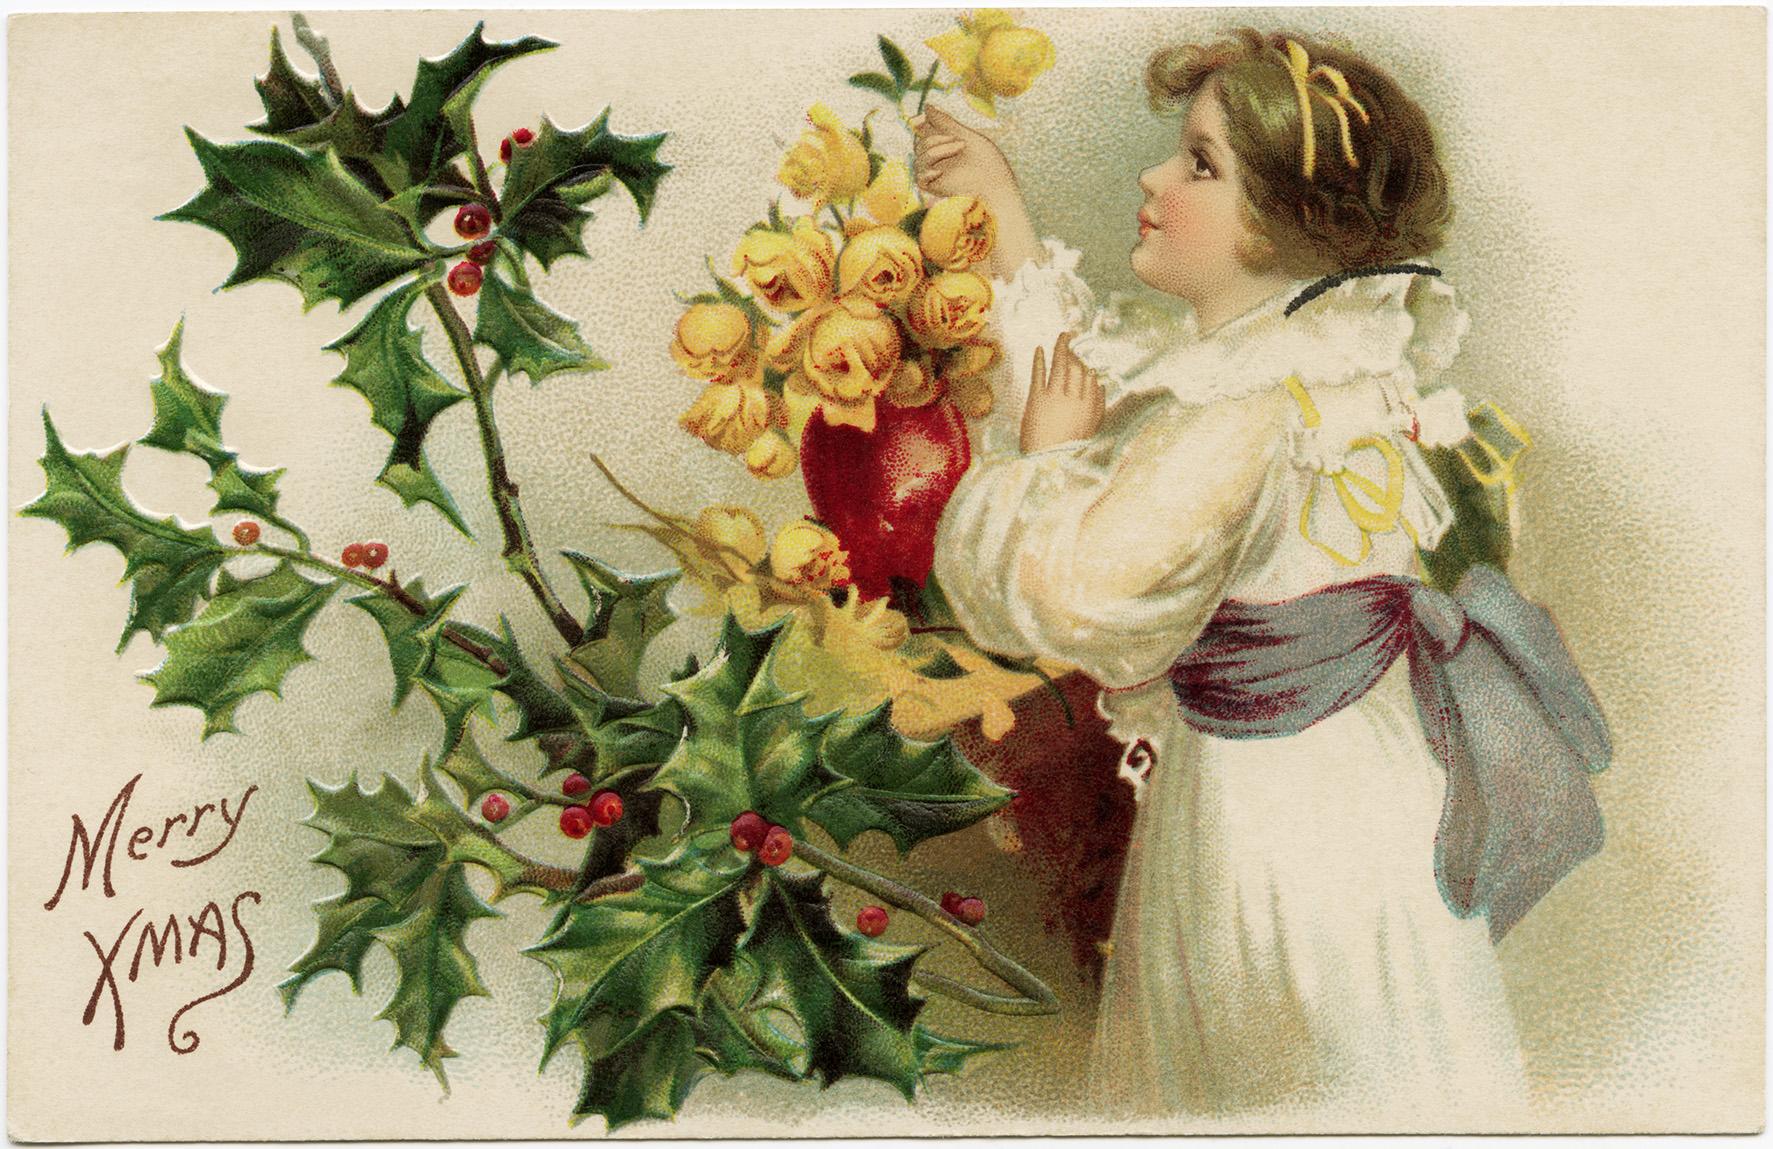 Прикольные картинки, рождество открытки винтажные